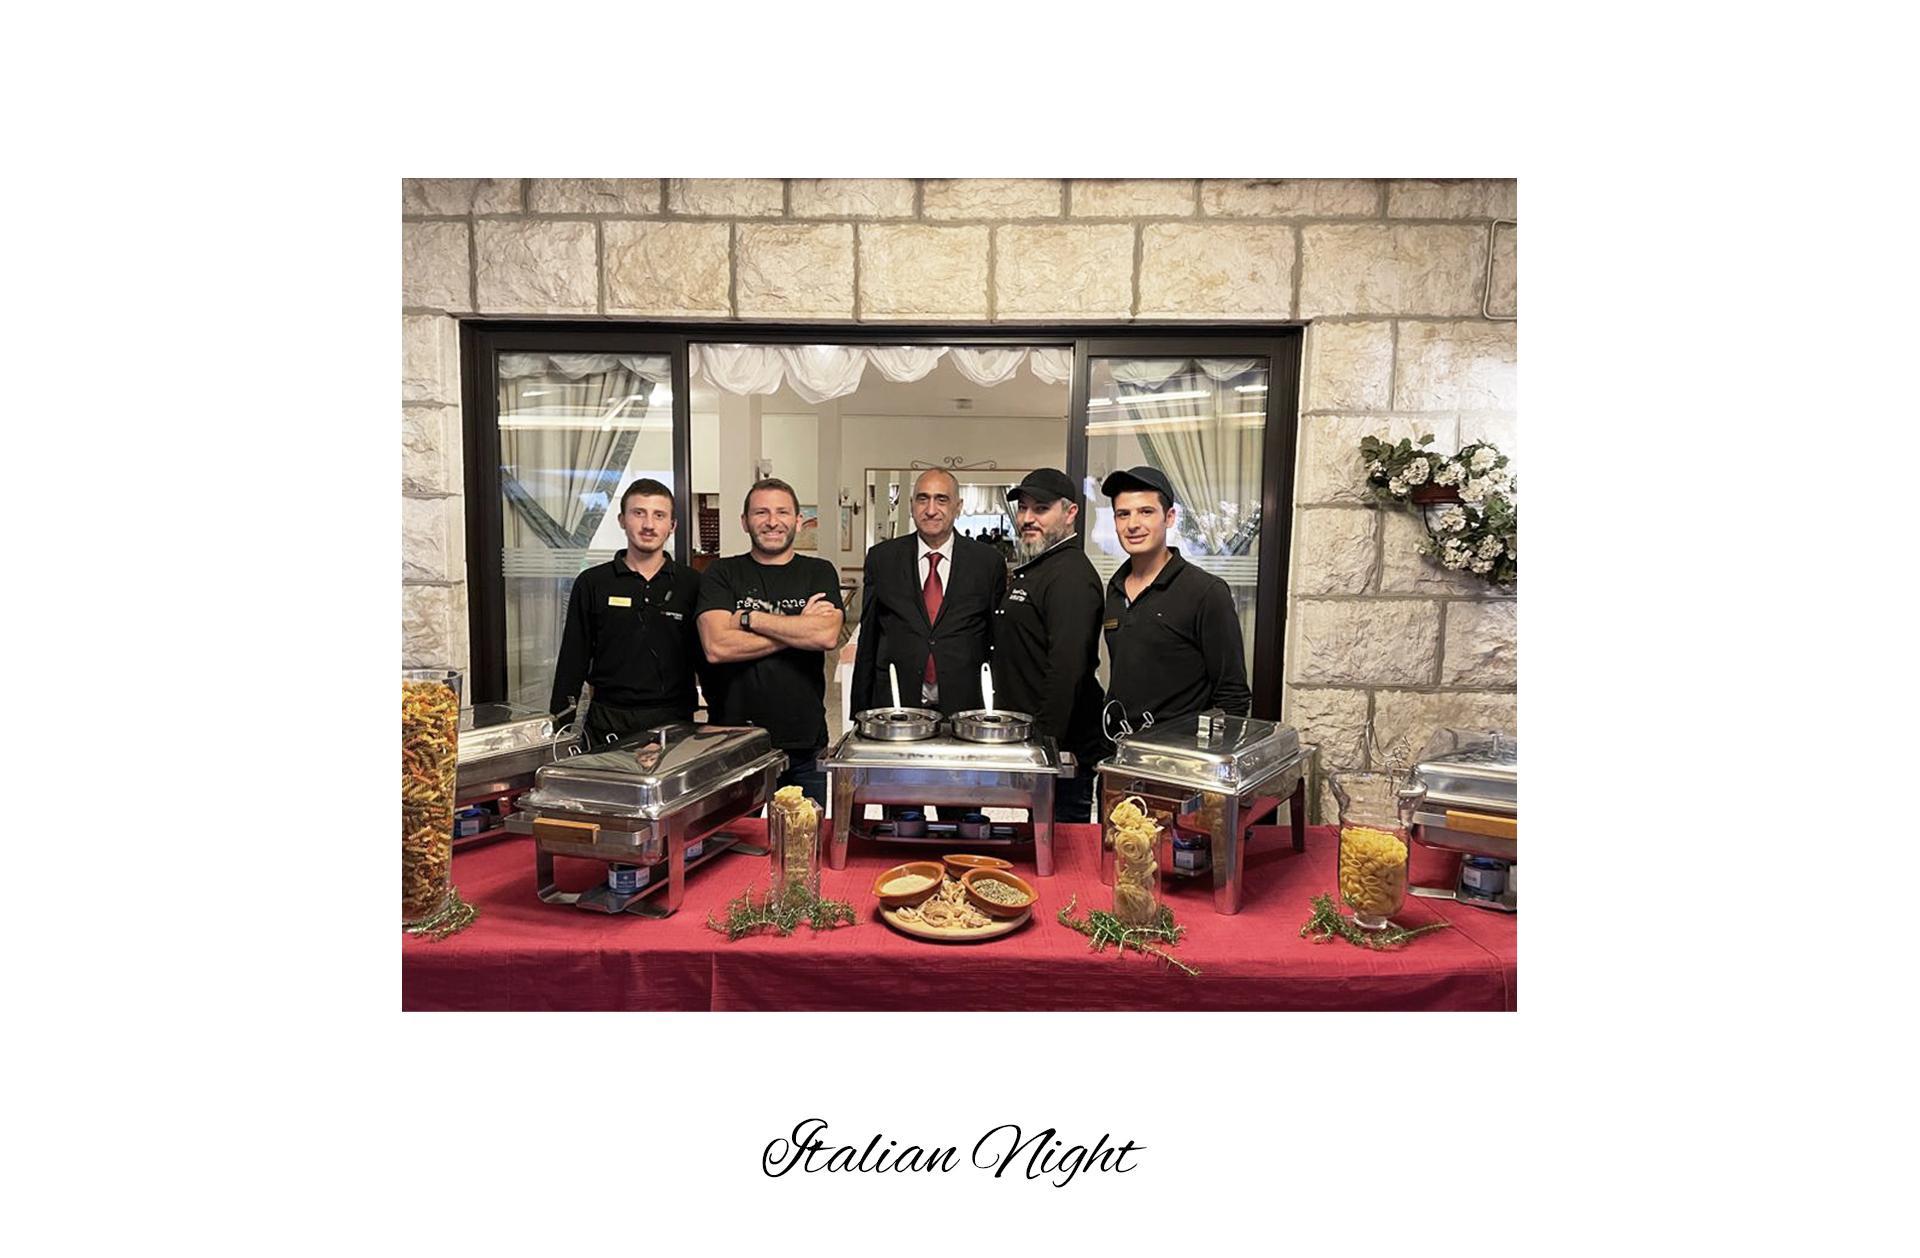 Italian Night (NXPowerLite)